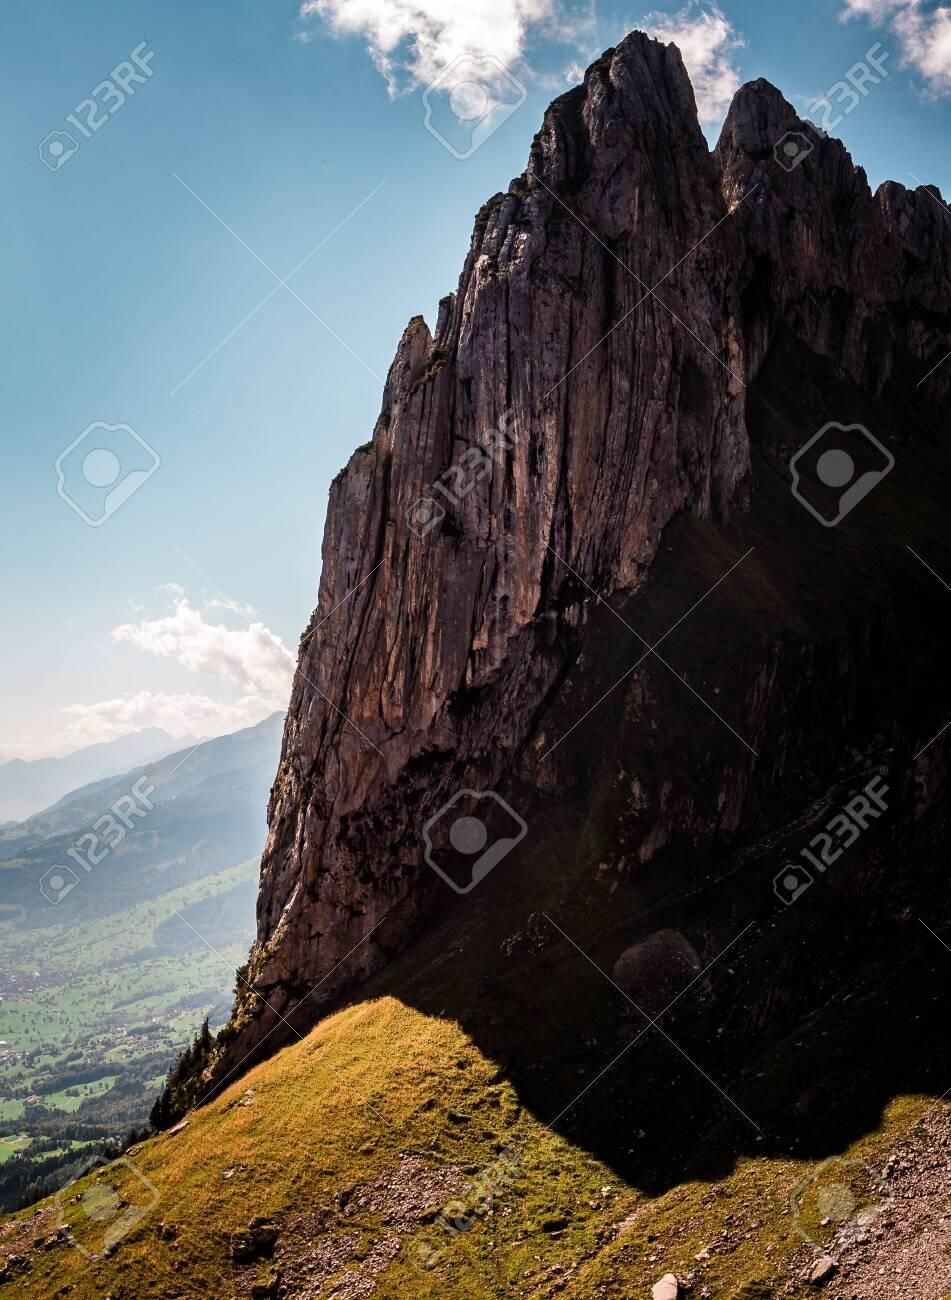 vertical crazy steep mountain rock formation, switzerland alpstein - 120999305